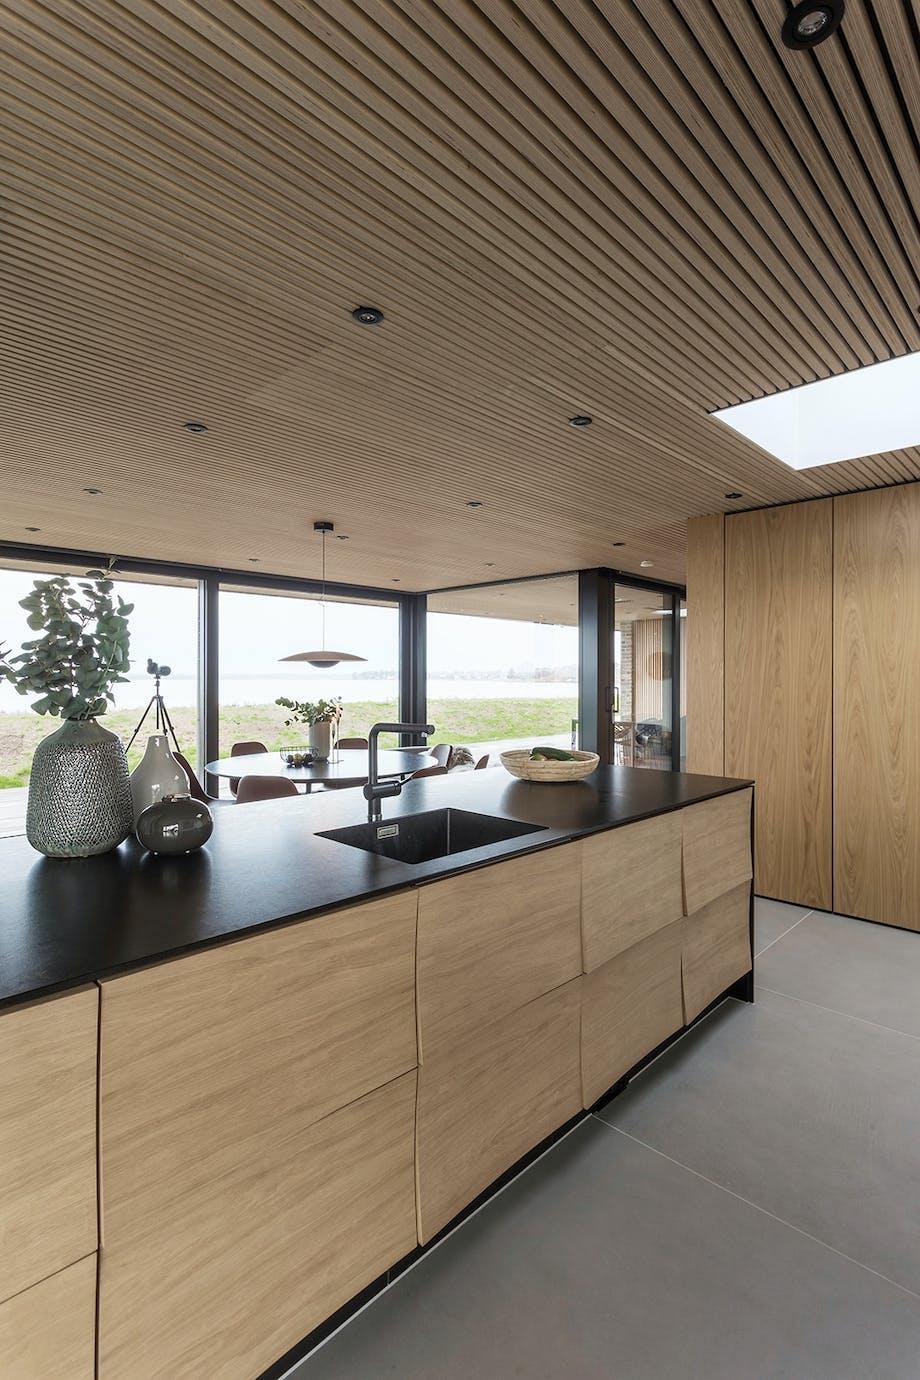 Sommerhus Køkken træ Uno form